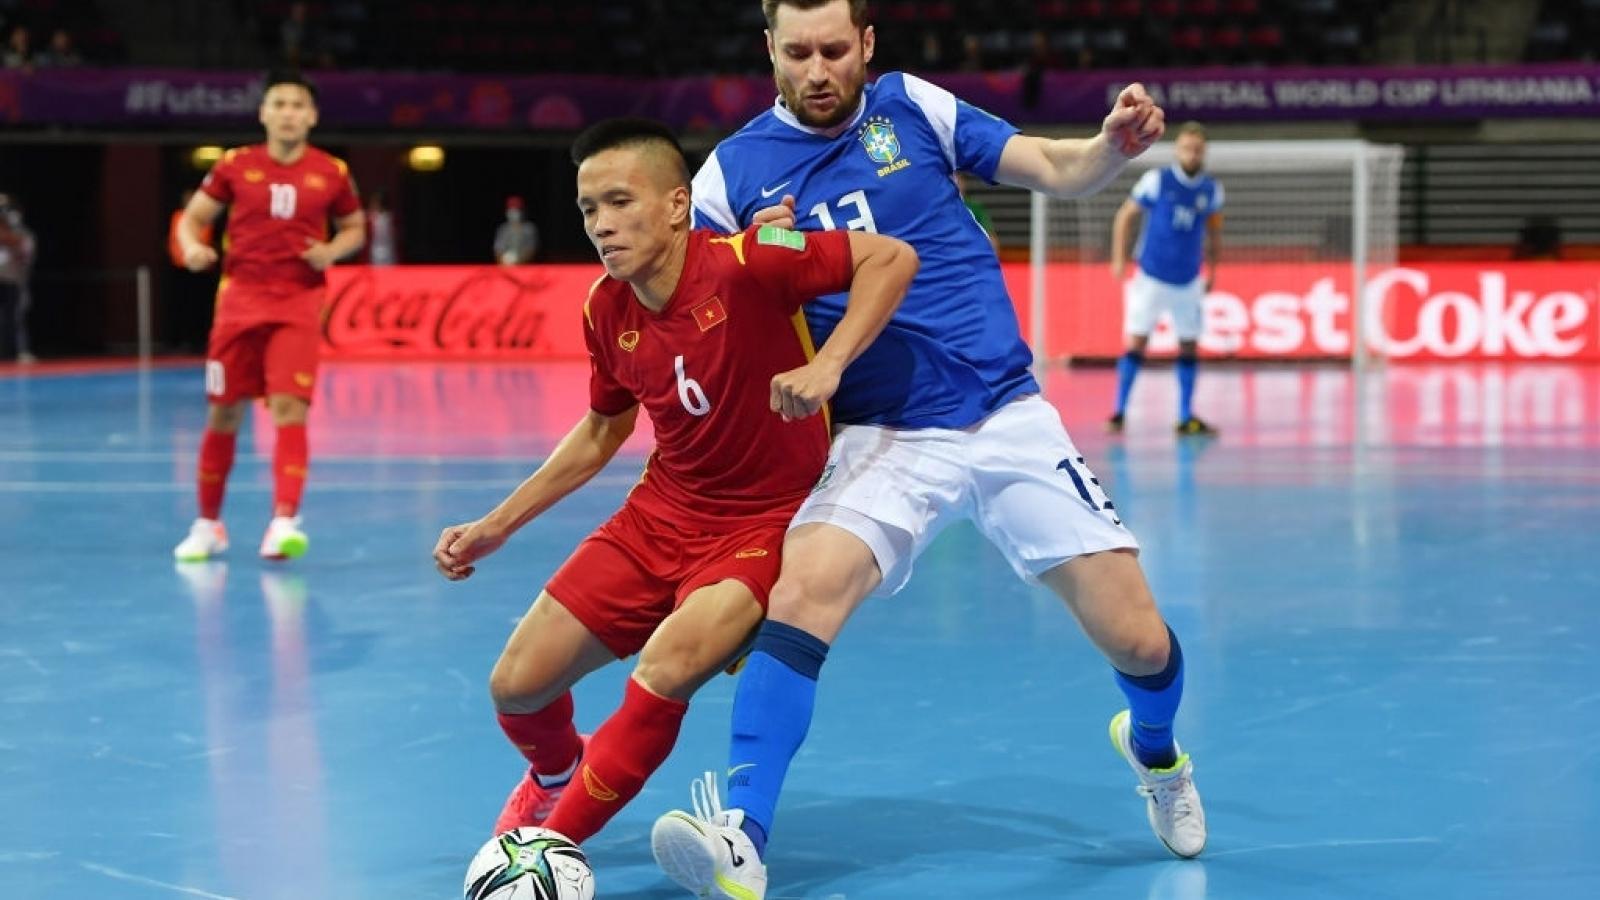 Trực tiếp ĐT Futsal Việt Nam 0-0 ĐT Futsal CH Séc: Đức Hòa đá thay Văn Vũ